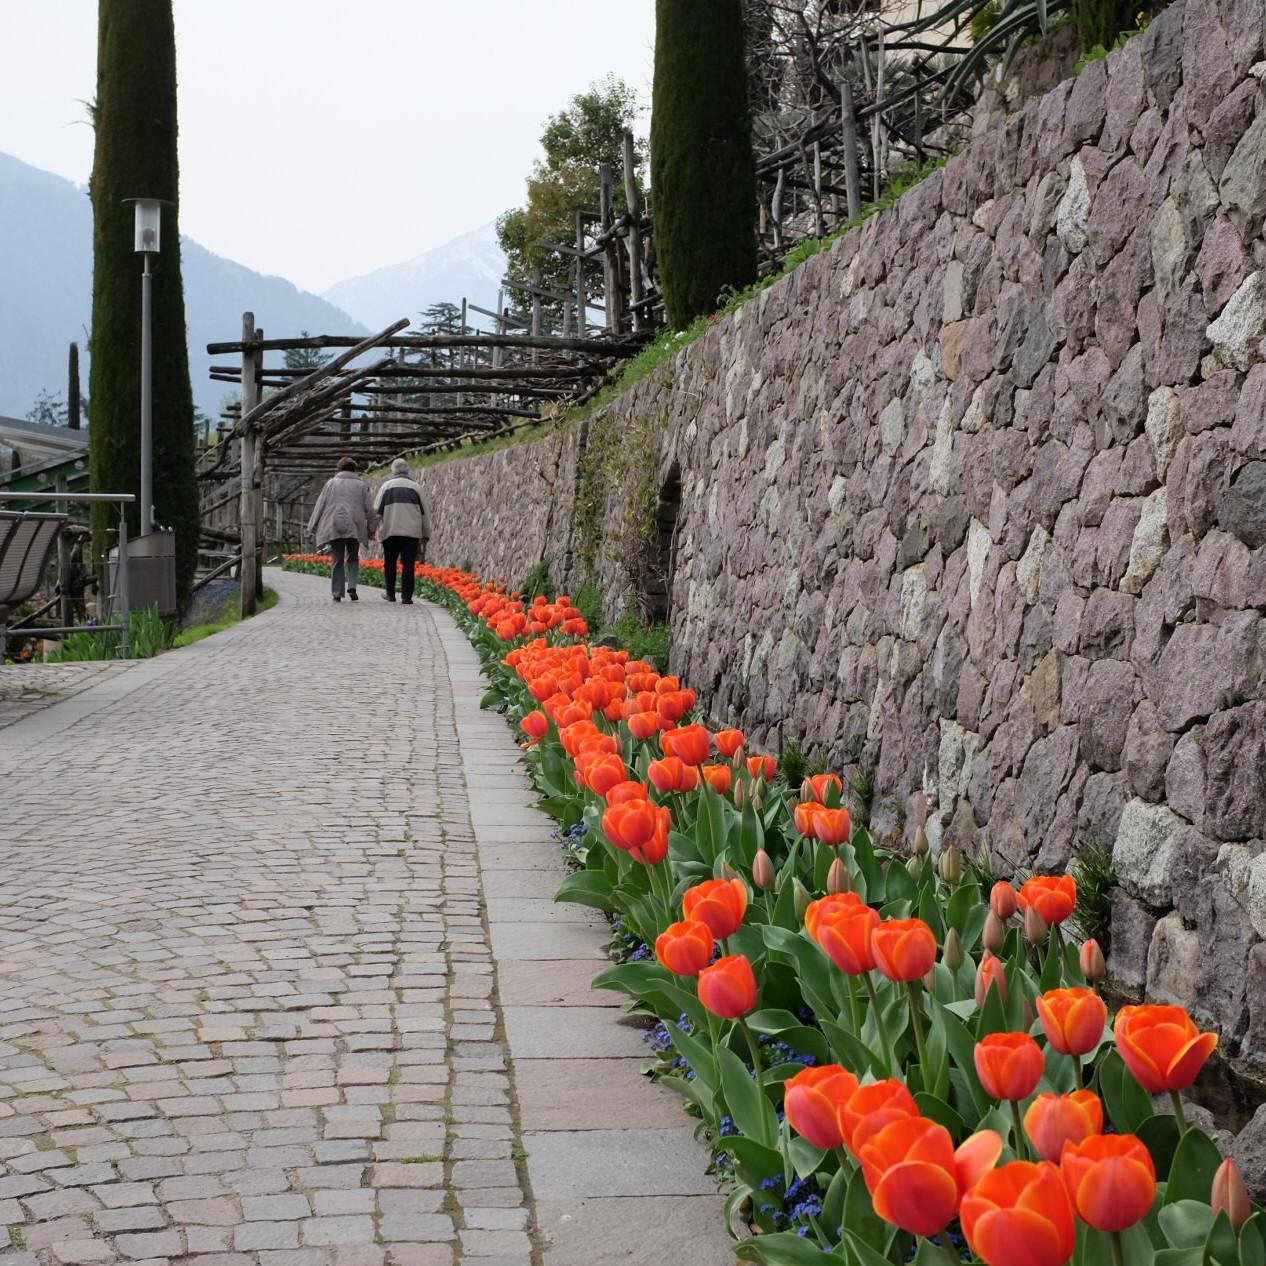 Tulpen in den Gärten von Meran